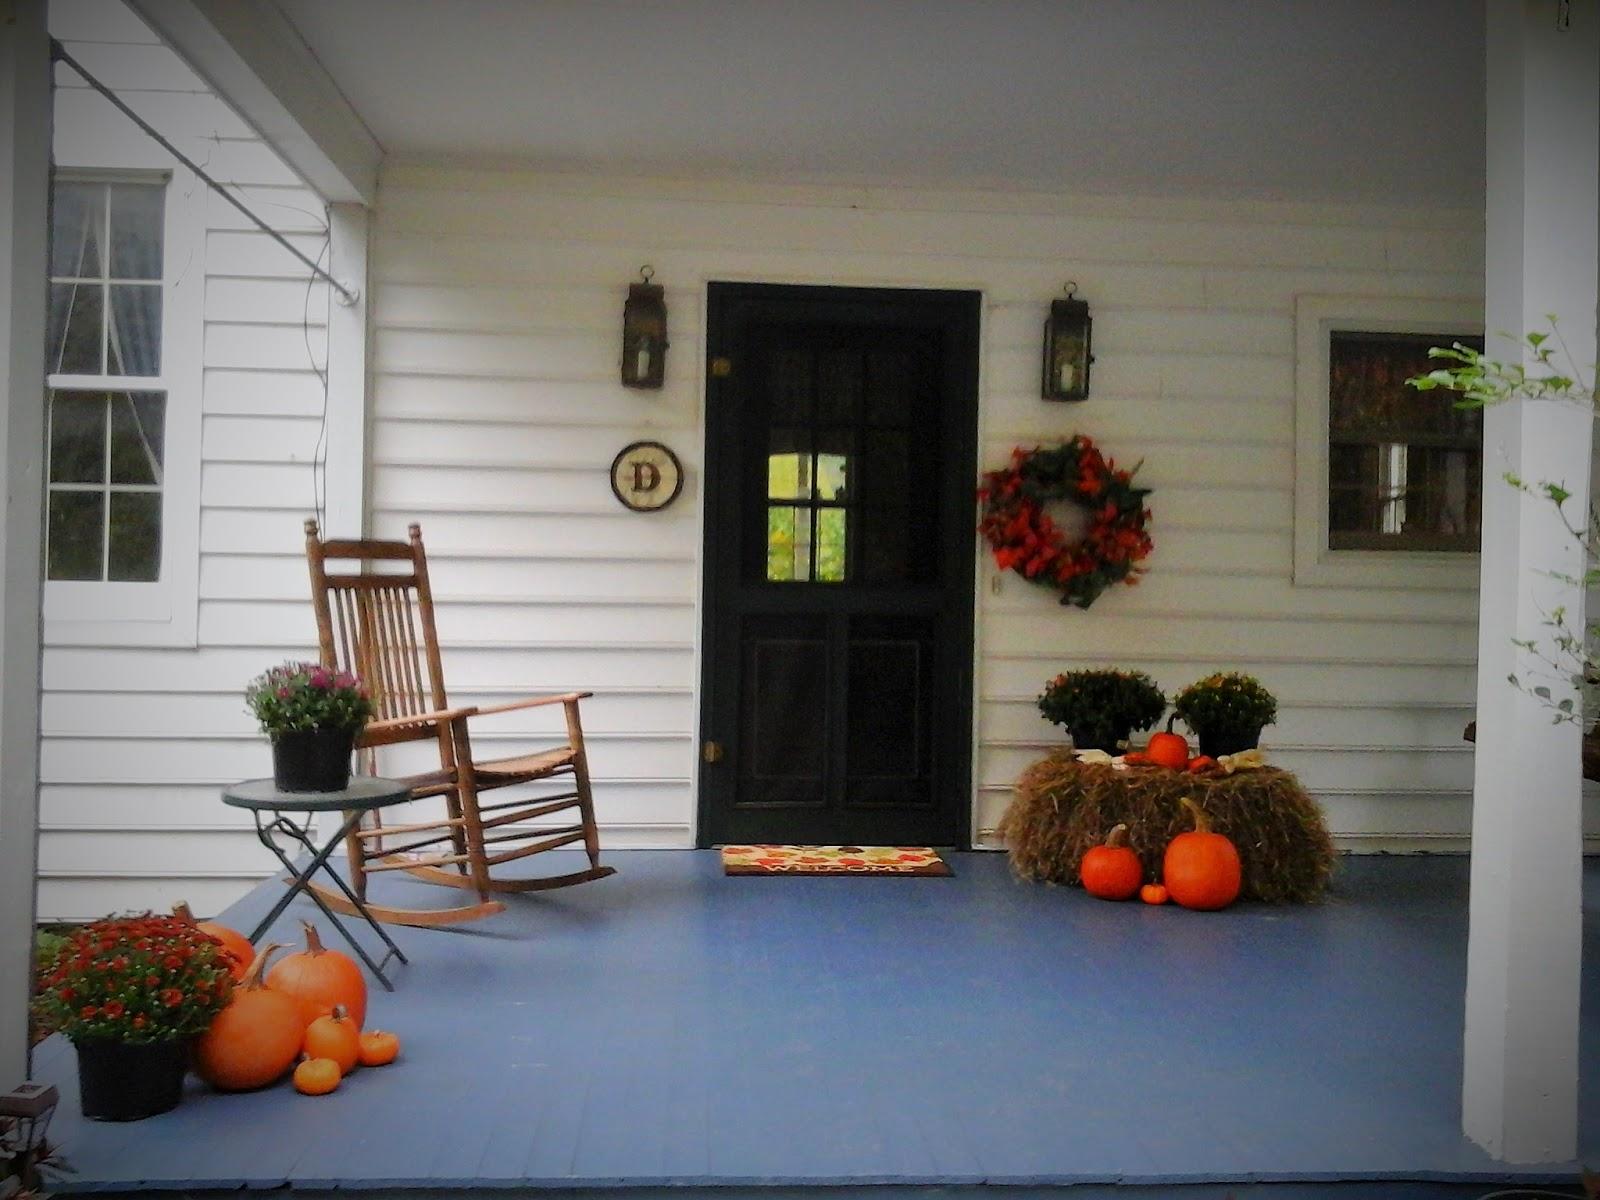 preppy mountain farmhouse 100th blog post